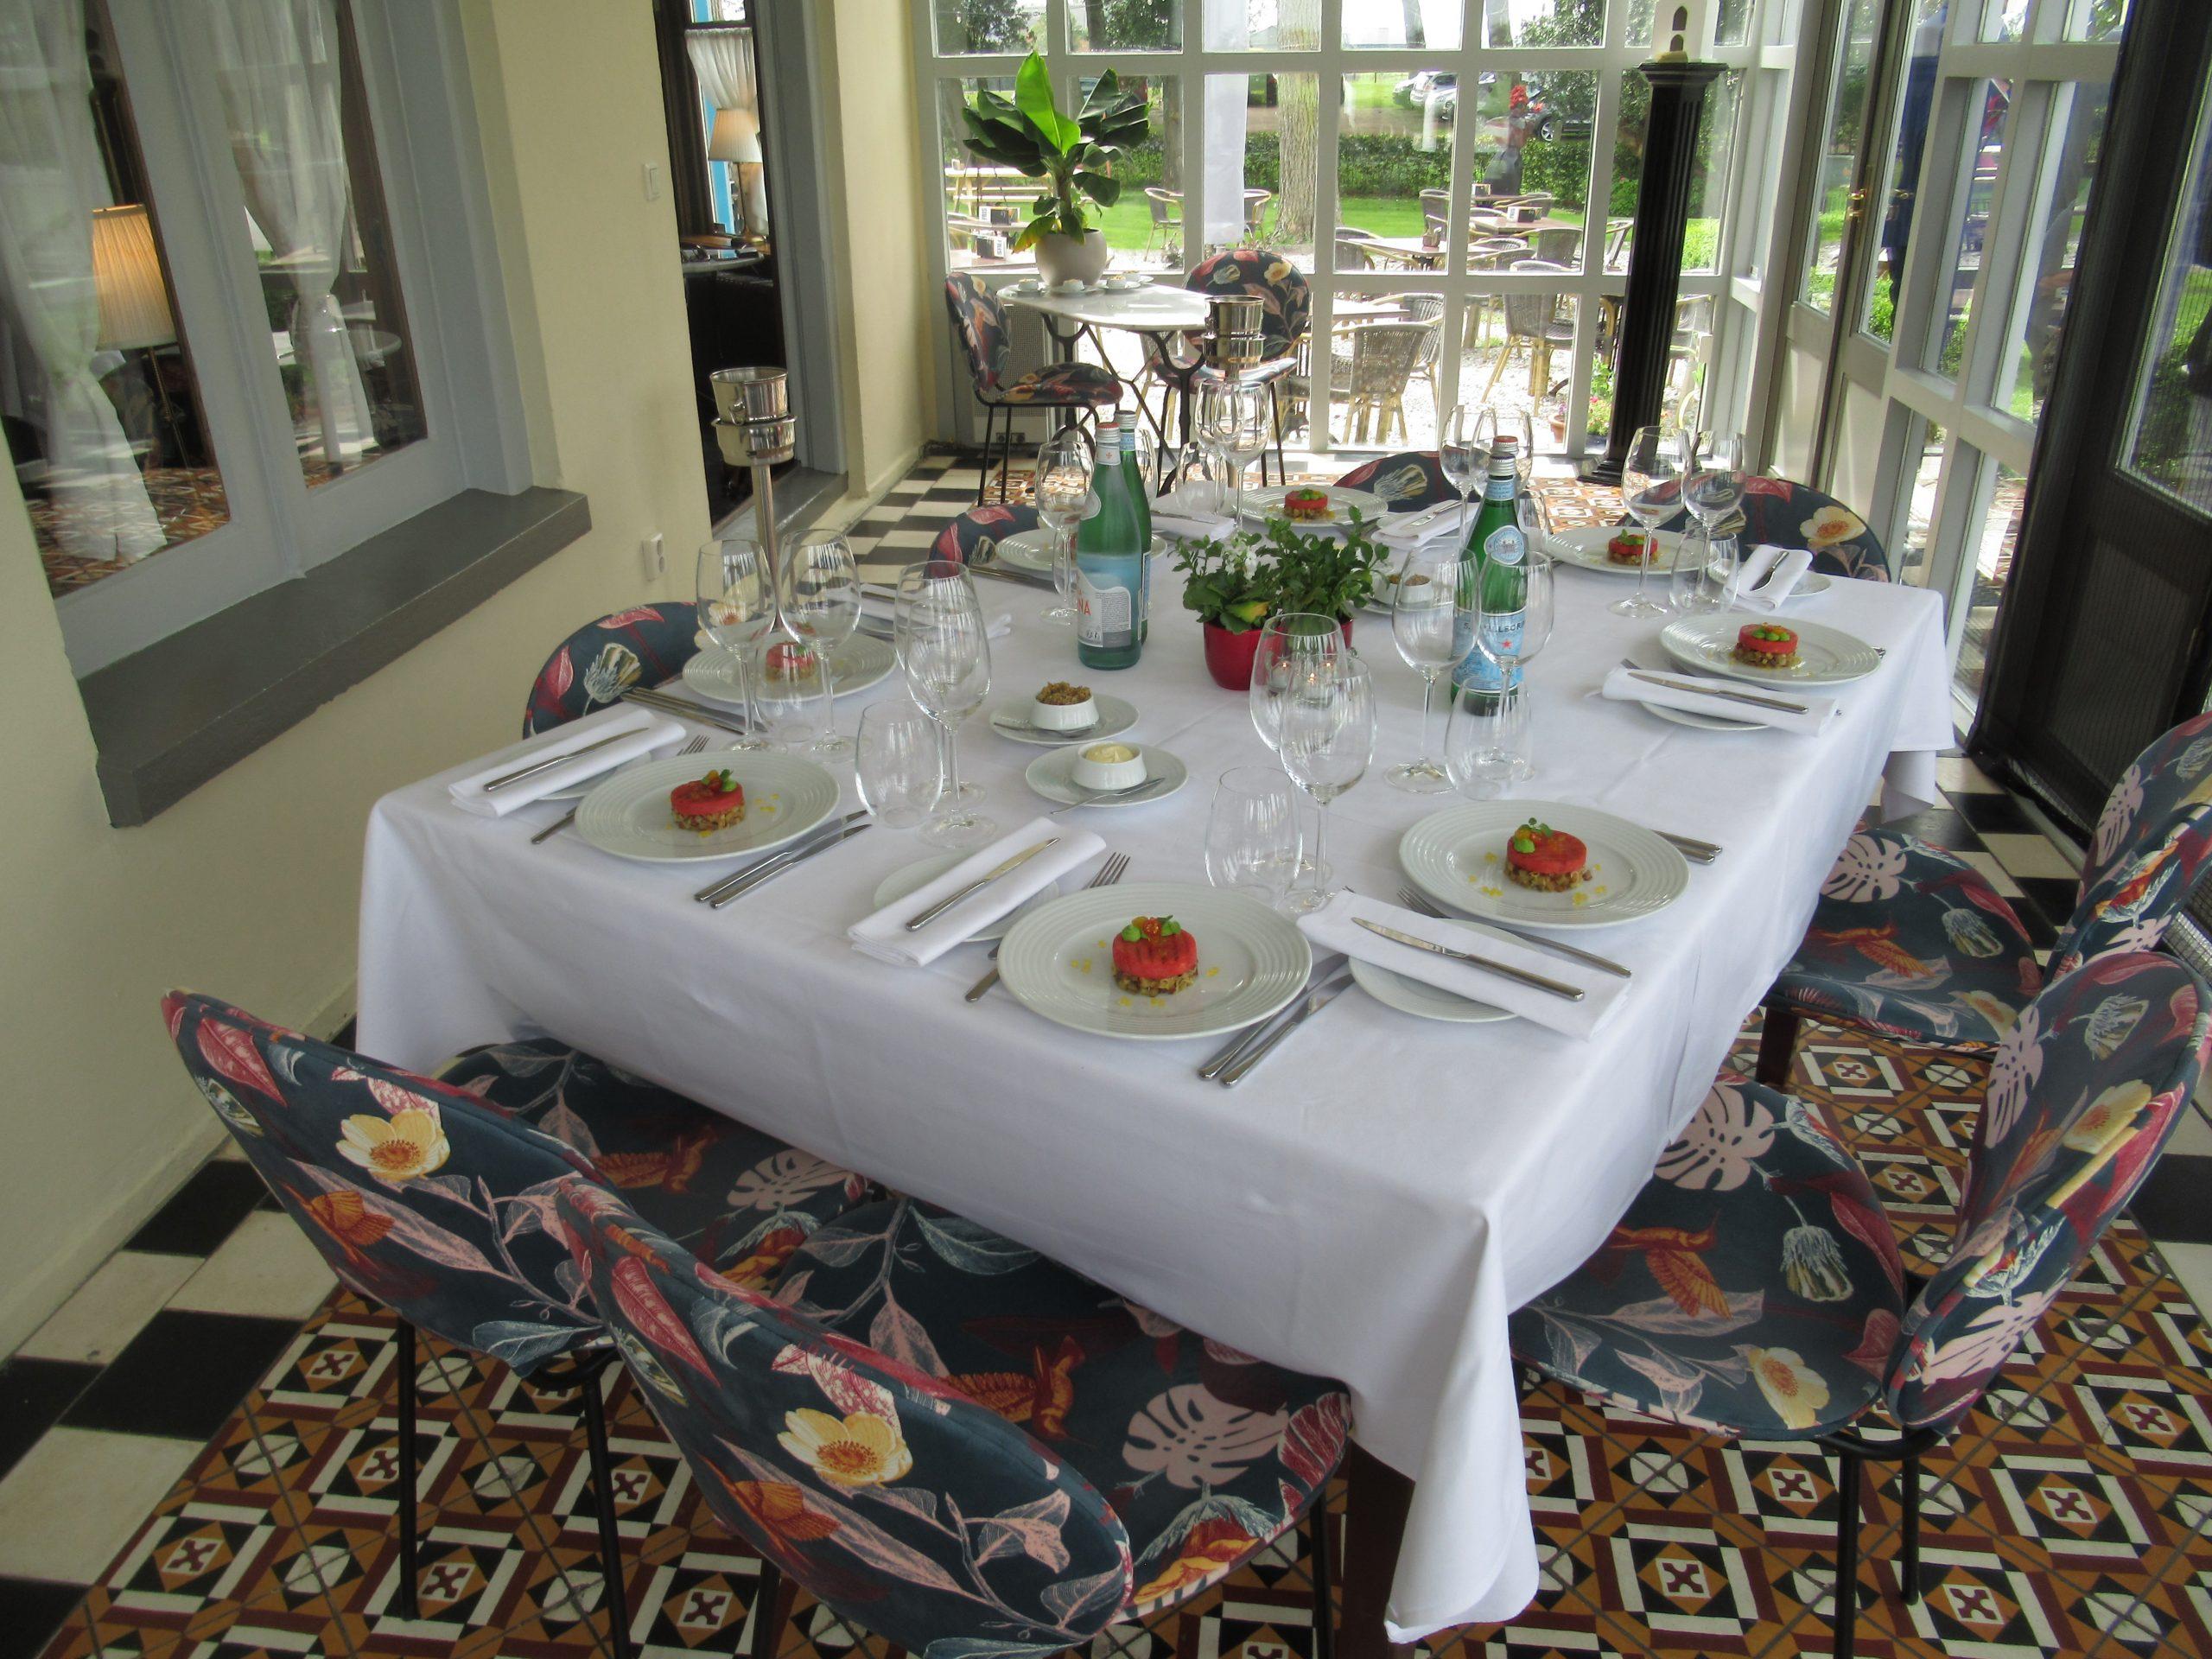 Gezien het huidige weerbericht🌧 is het vandaag denken wij niet mogelijk om 'als God in Frankrijk' te dineren in onze tuin / op het terras.Gelukkig hebben we nog een sfeervolle… Bekijken